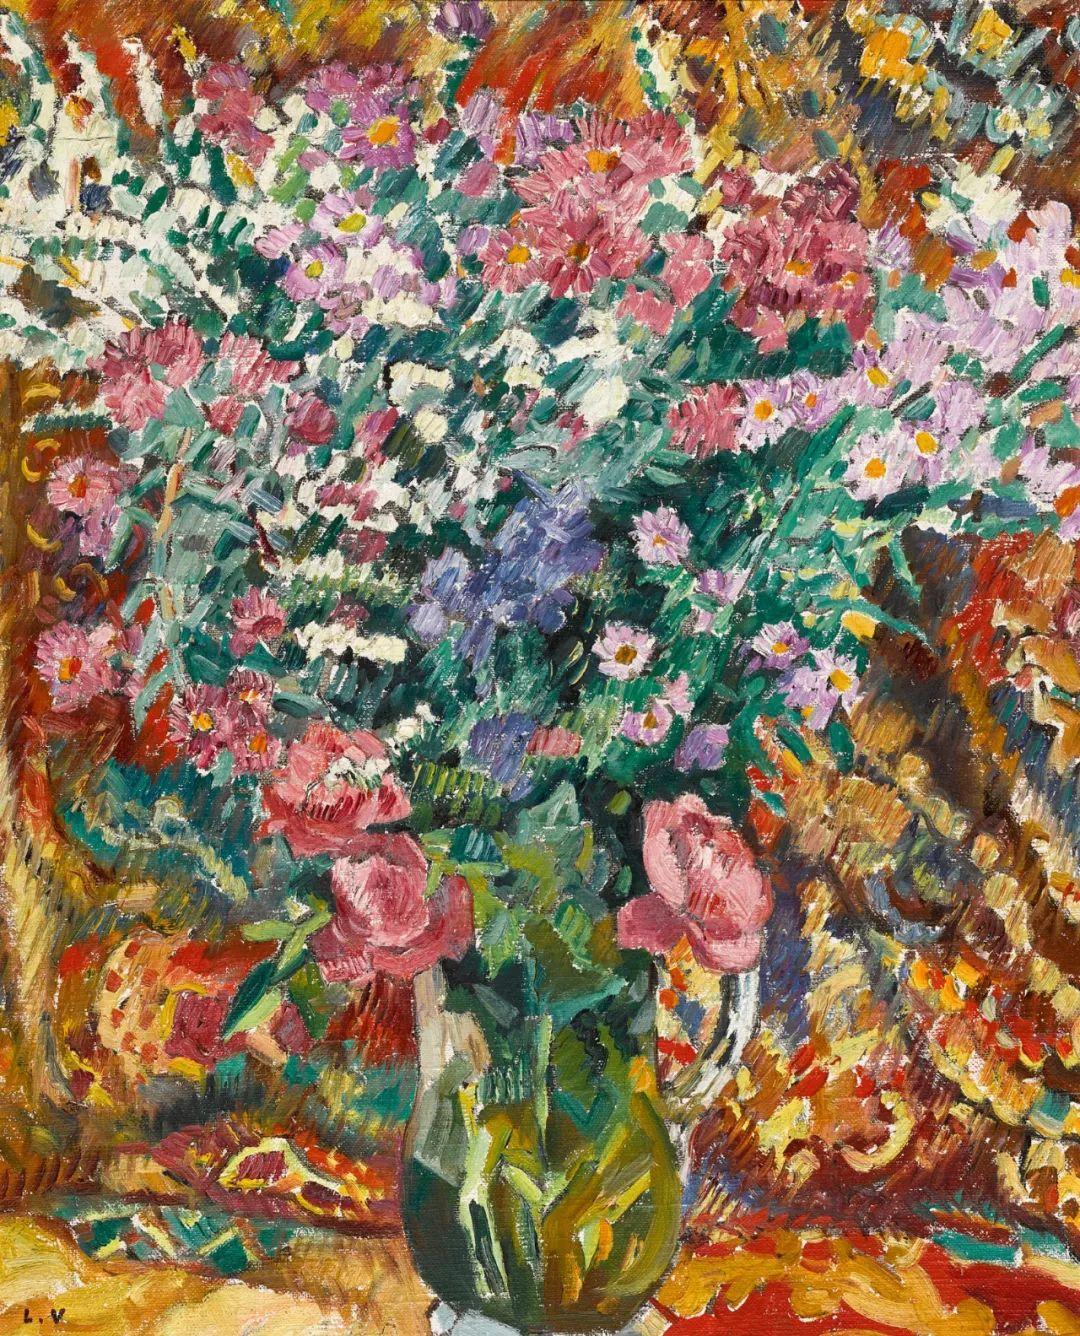 笔触粗犷,色彩令人陶醉,高清花卉作品插图30